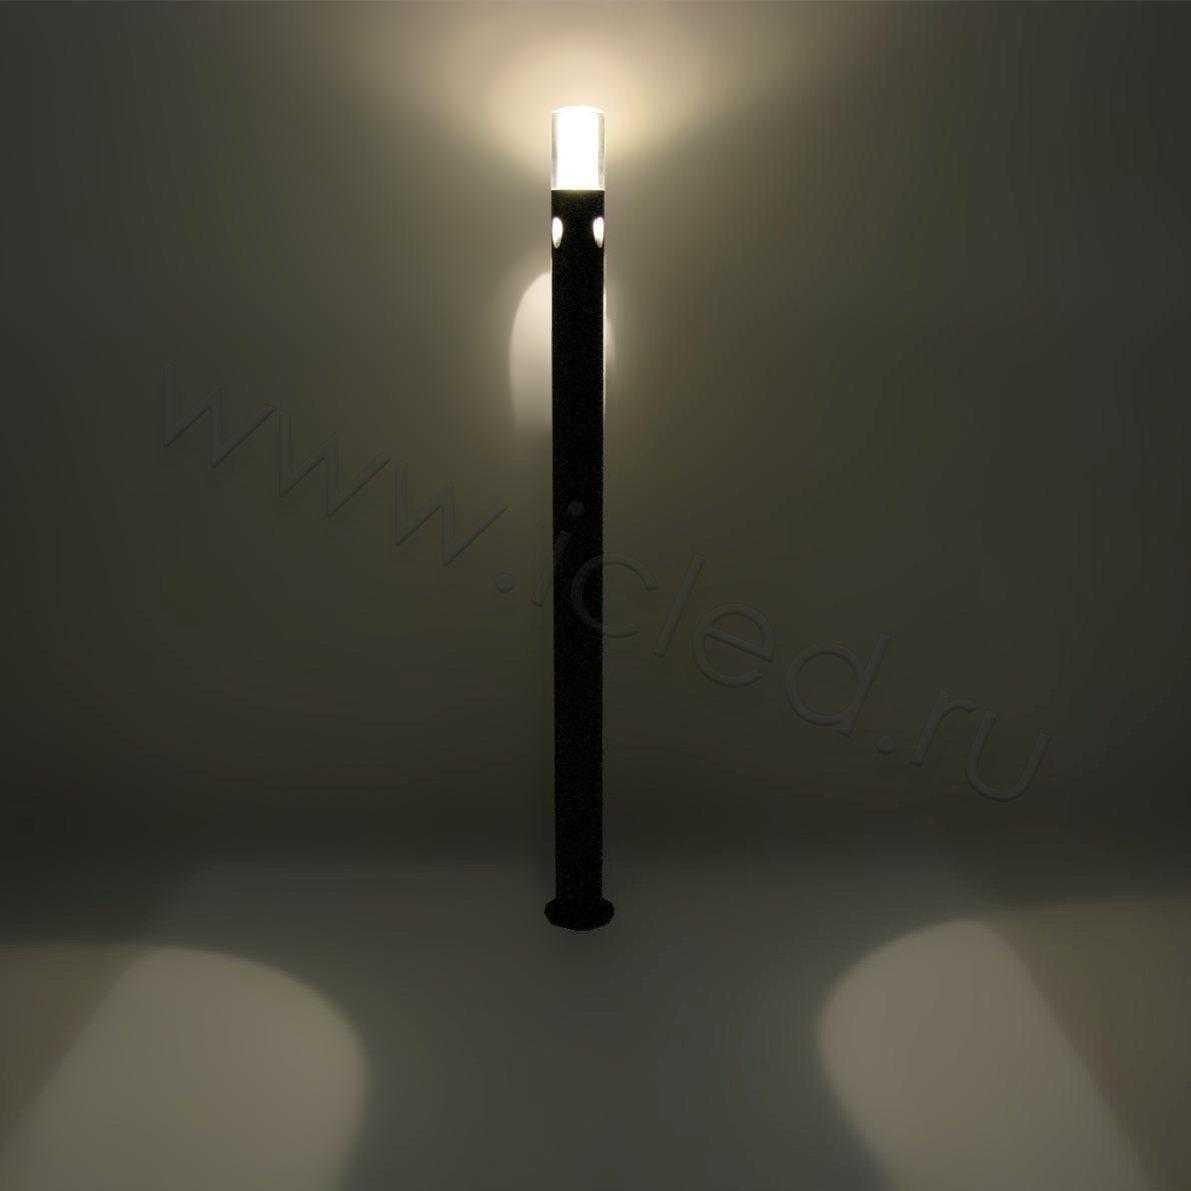 Светодиодный светильник столбик UCR7802D-1000 BA, Warm White